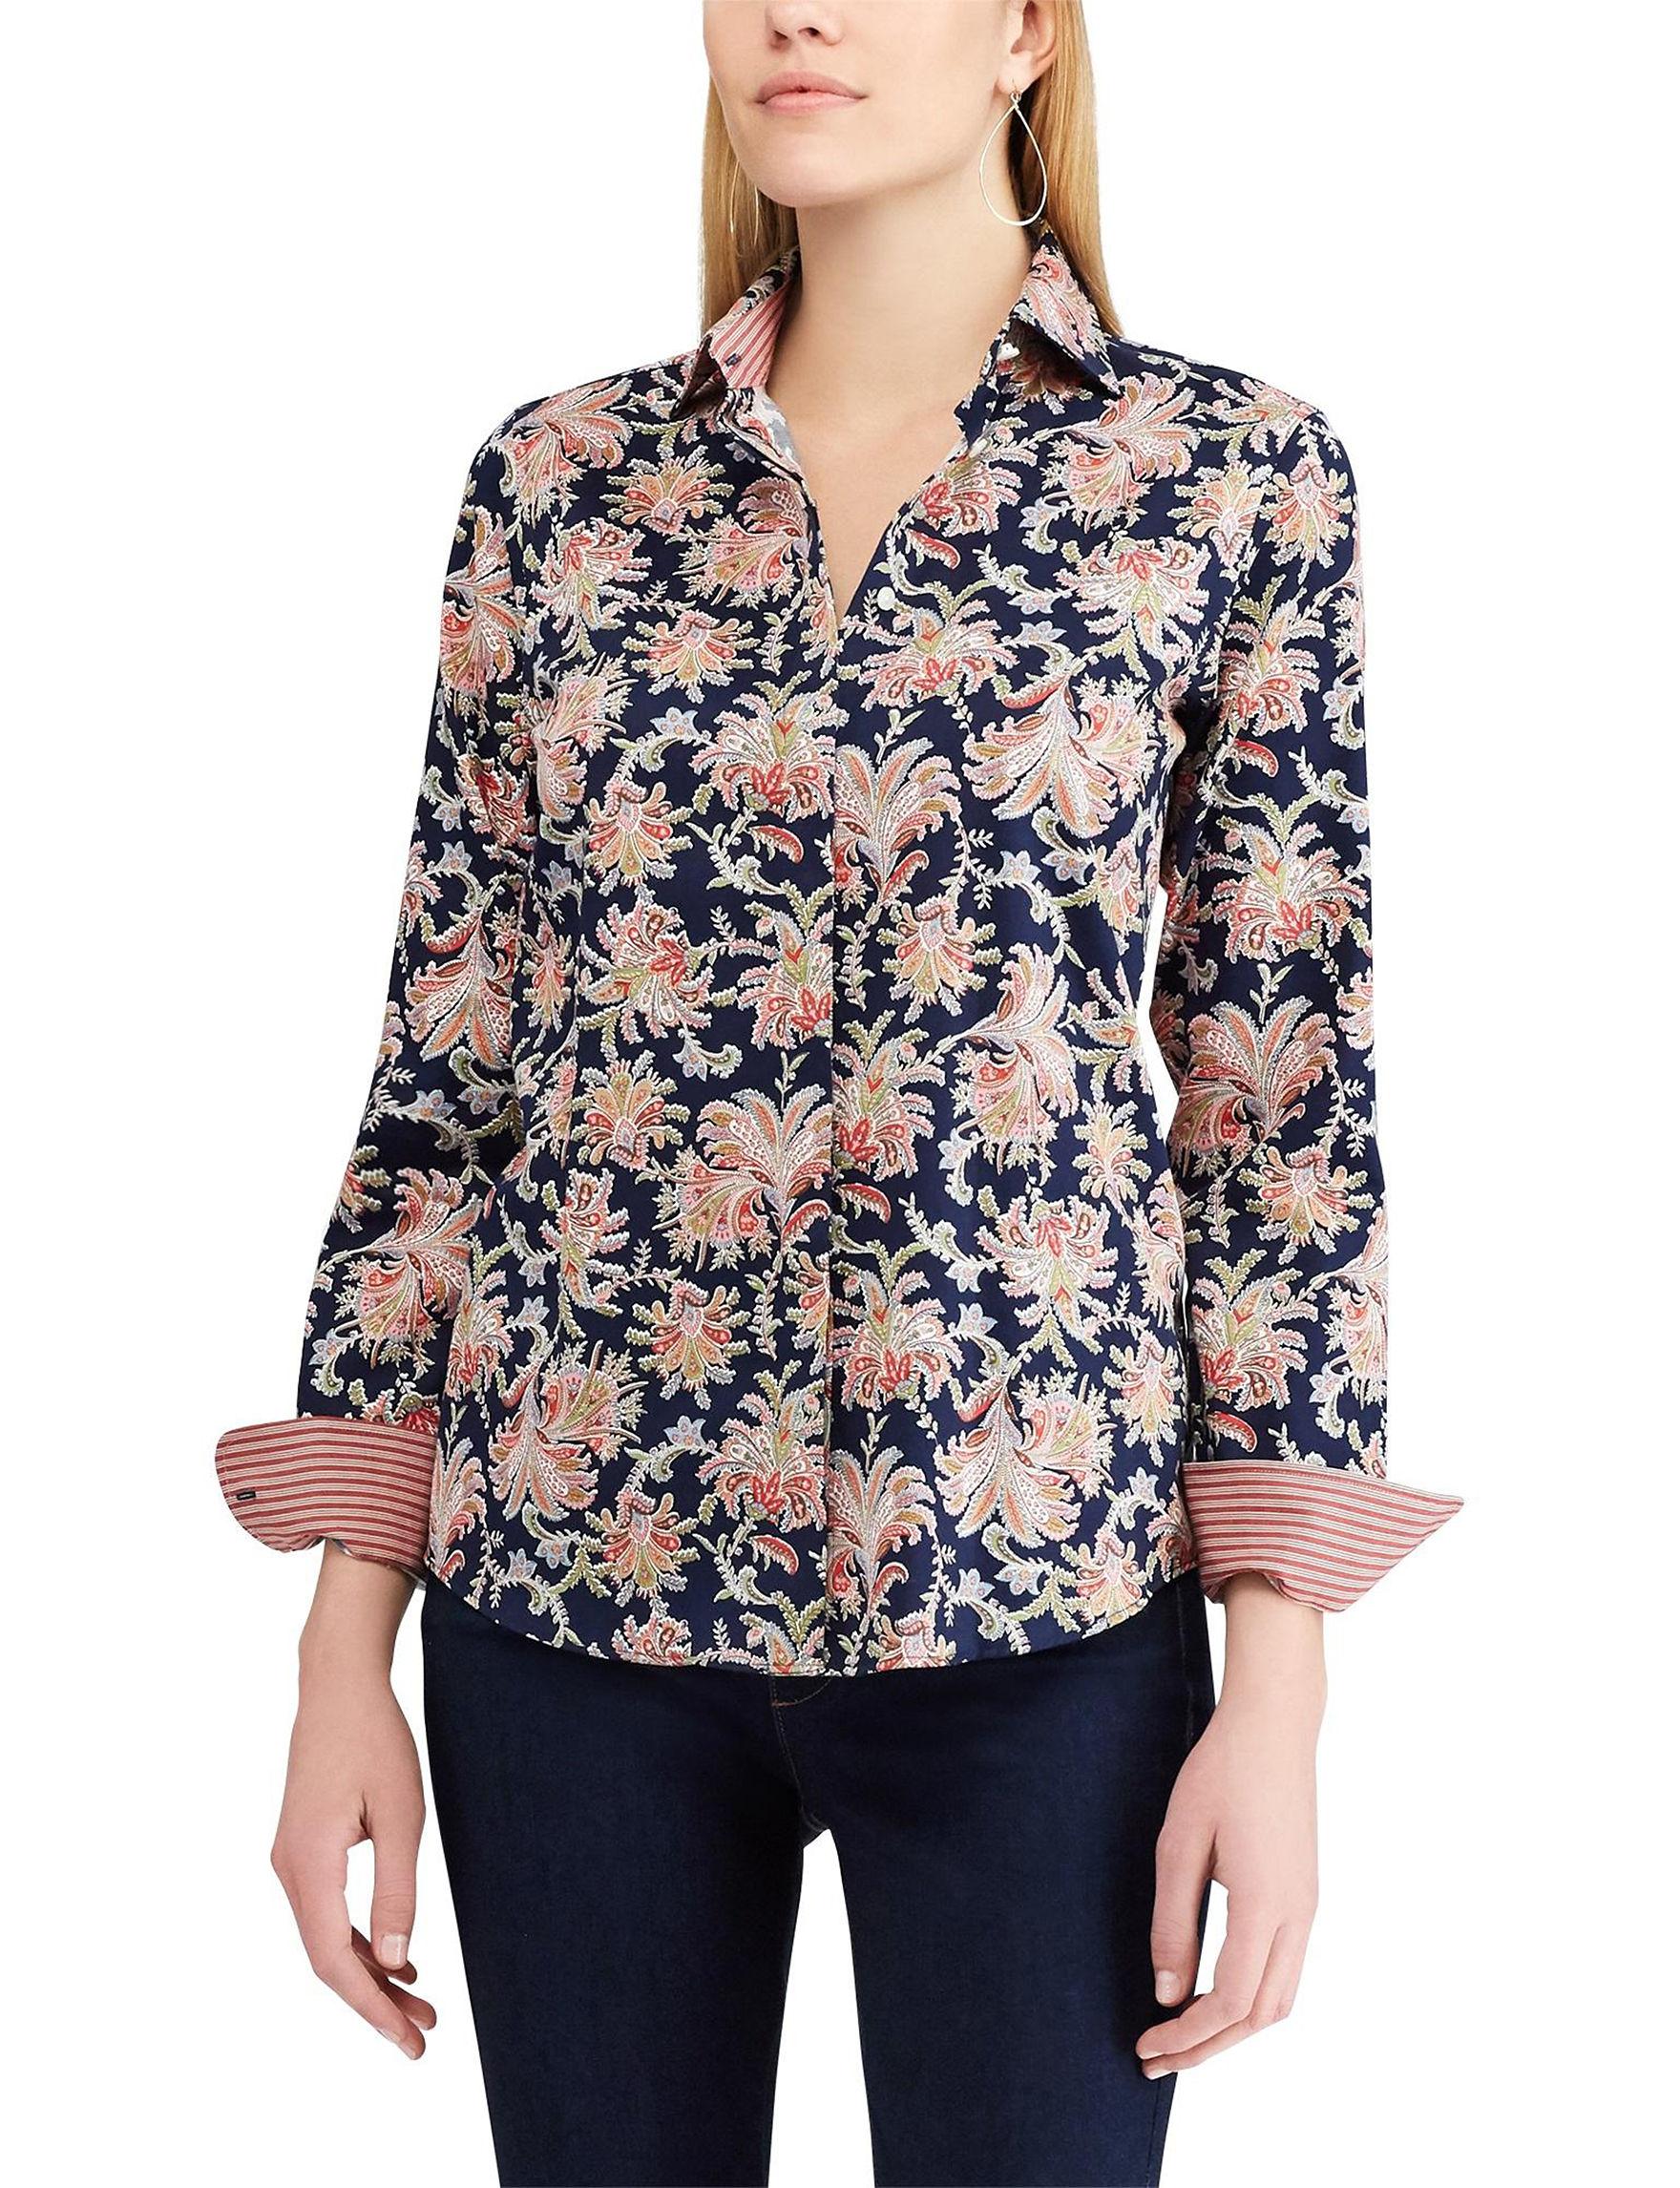 Chaps Blue Floral Shirts & Blouses